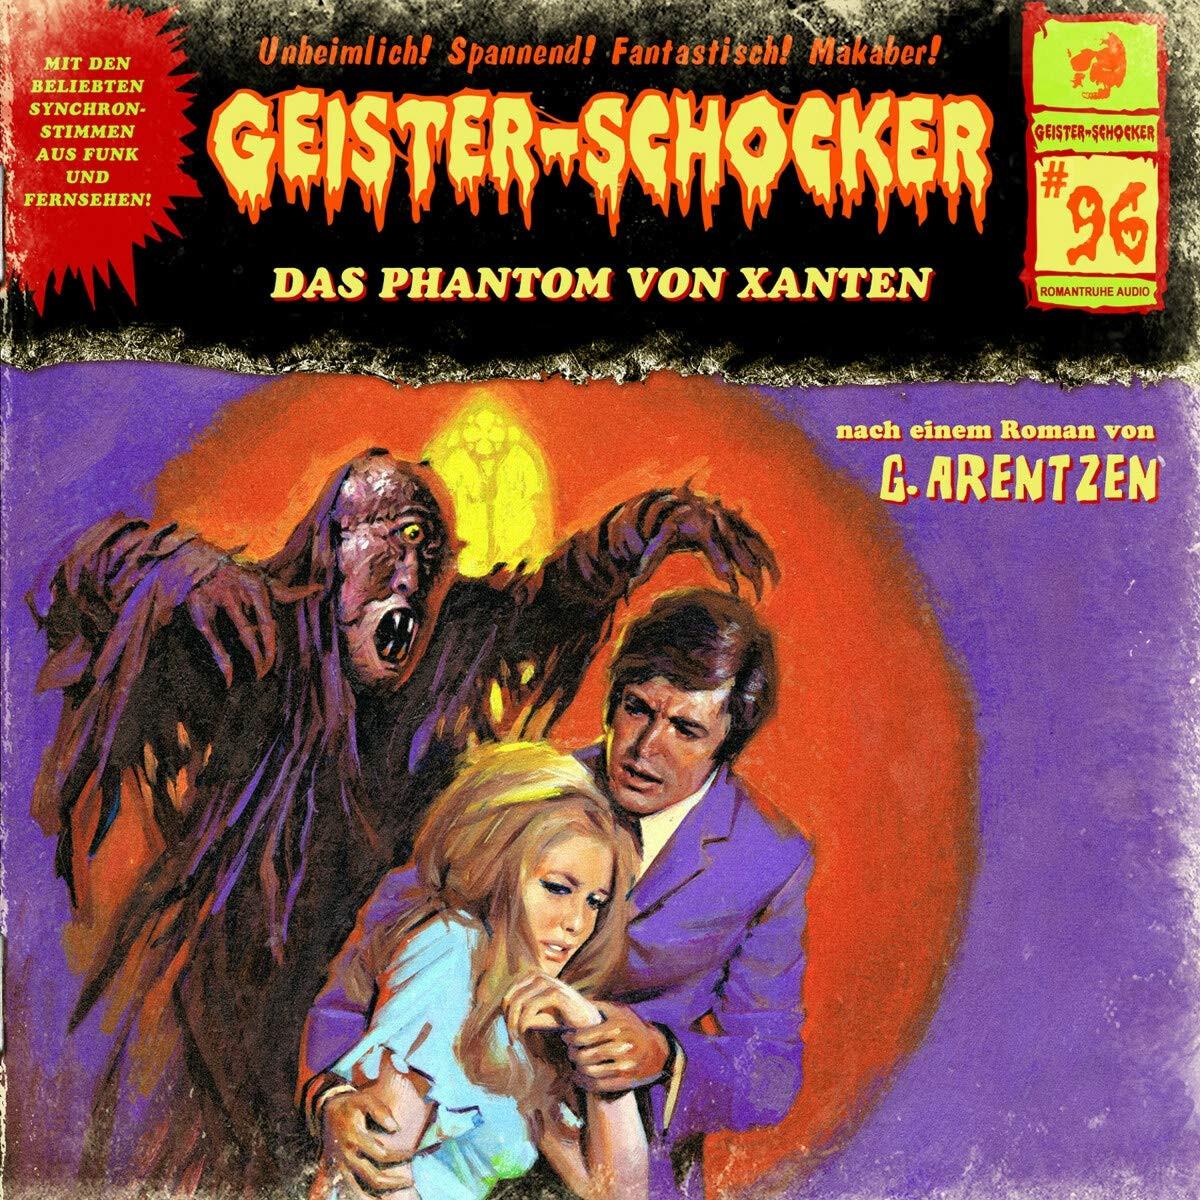 Geister-Schocker 96 Das Phantom von Xanten